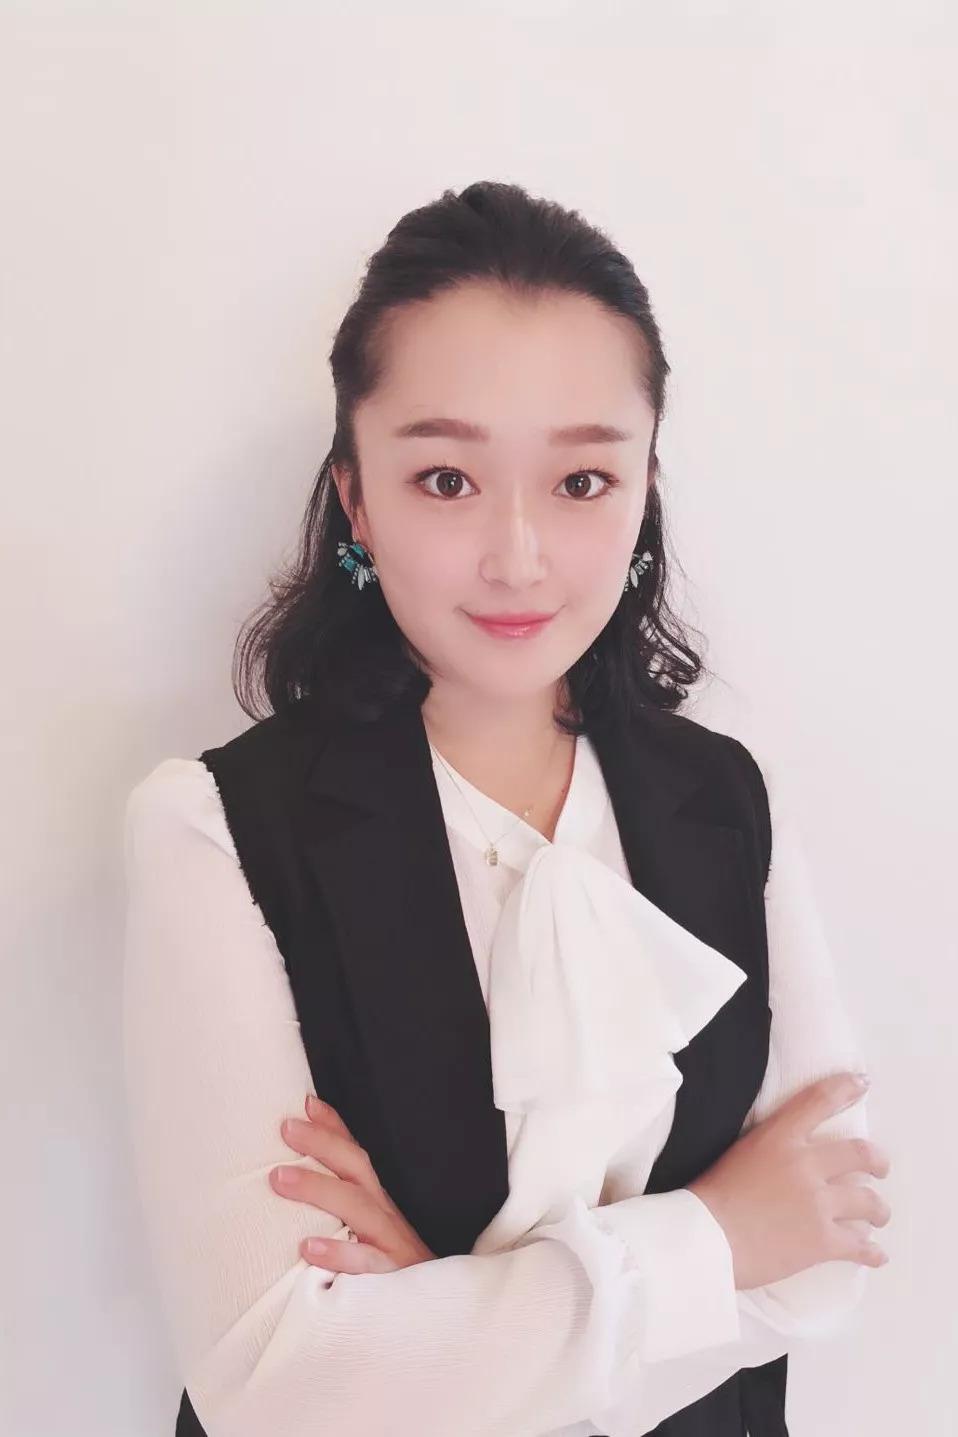 澳门太阳娱乐官方网站 19